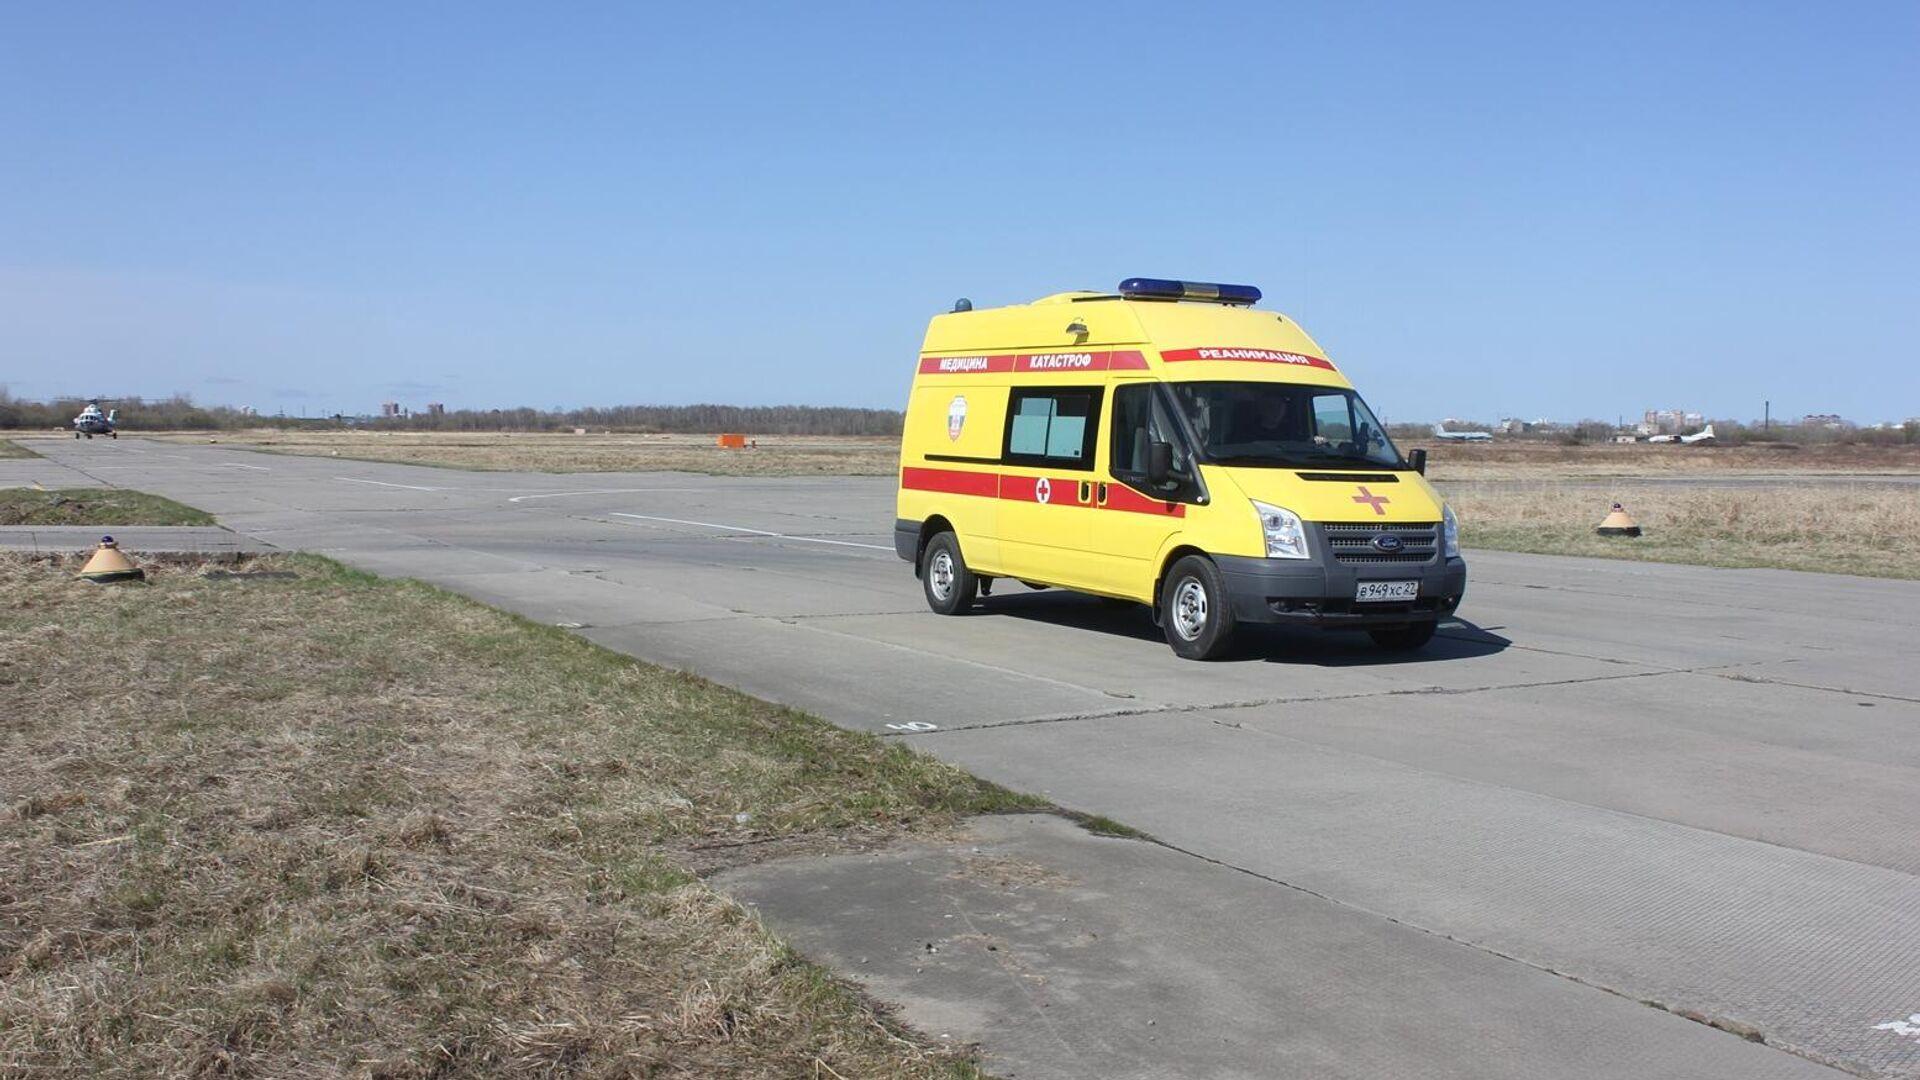 В Хабаровске семьям двух погибших пожарных в ДТП выплатят по 3 миллиона рублей